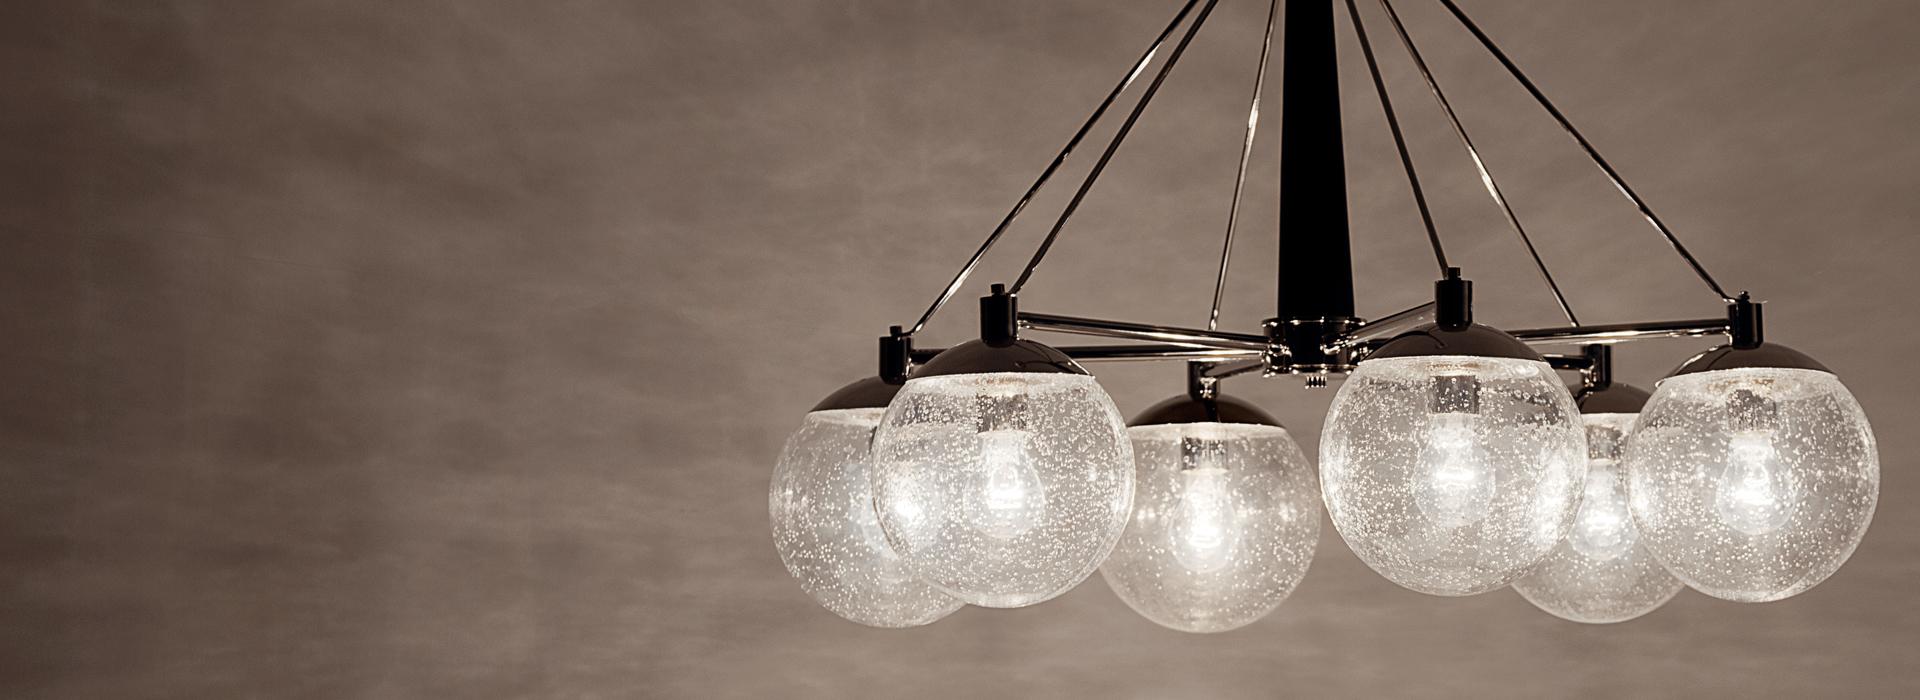 When to go for kichler lighting?